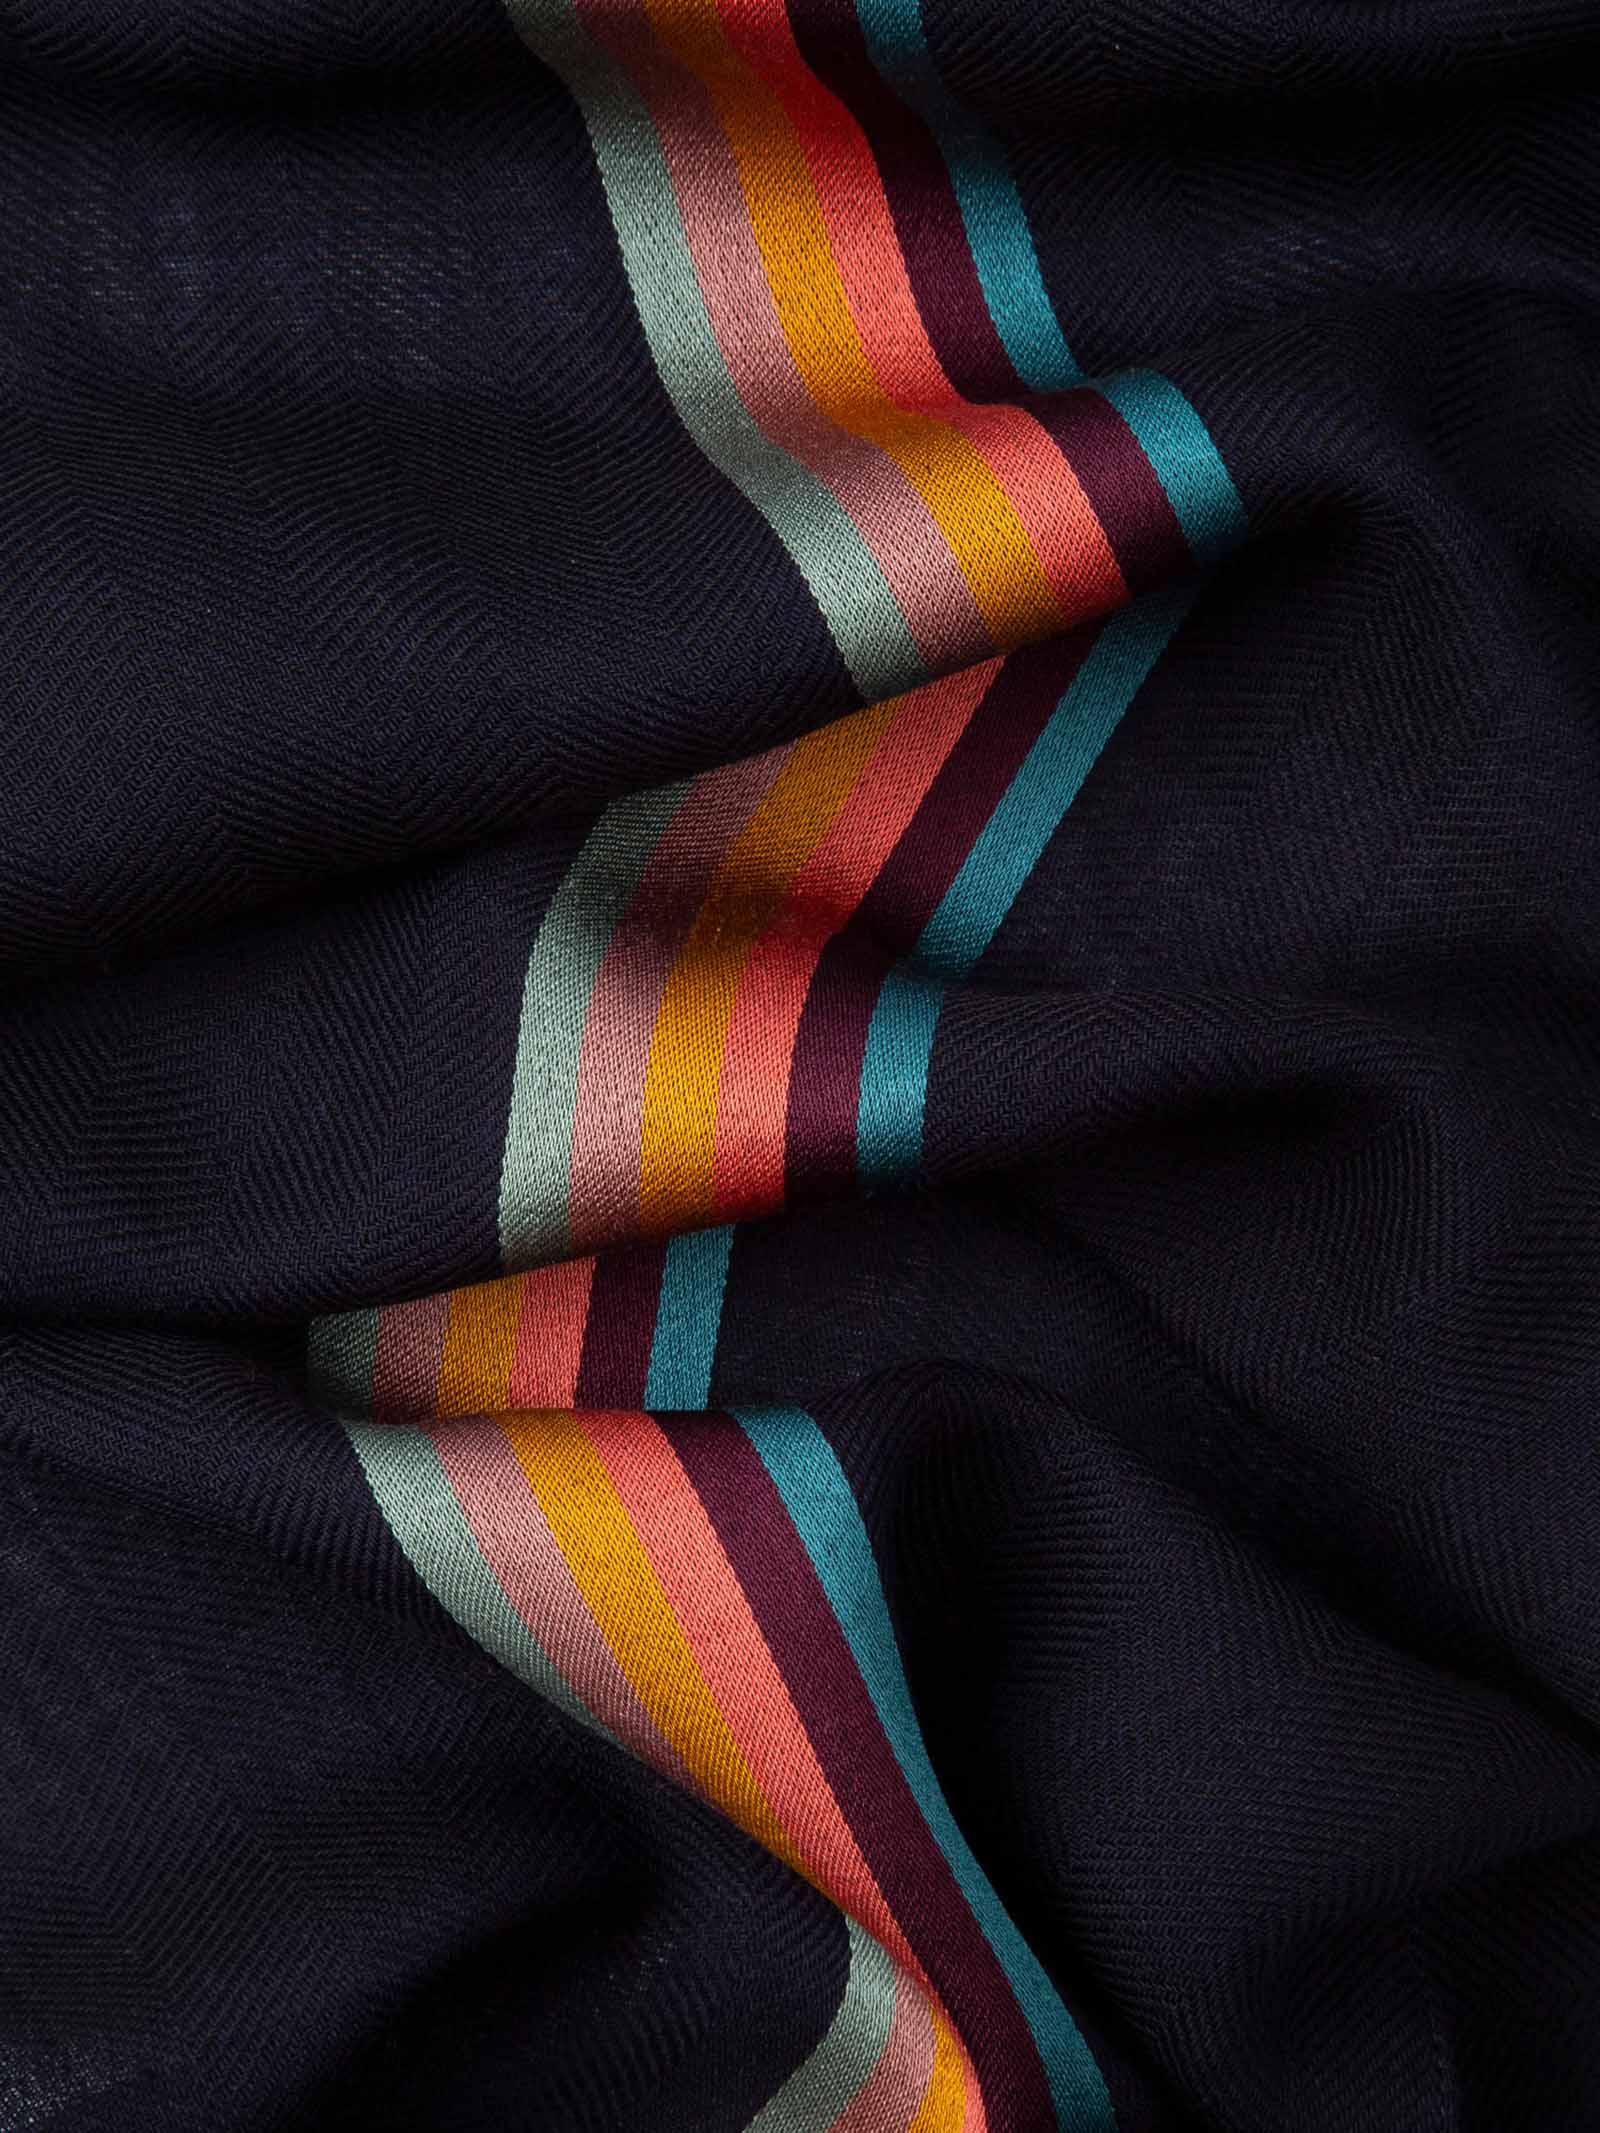 Sciarpa da uomo in misto lana a spina di pesce PAUL SMITH | Sciarpa | M1A-454D-AS2247